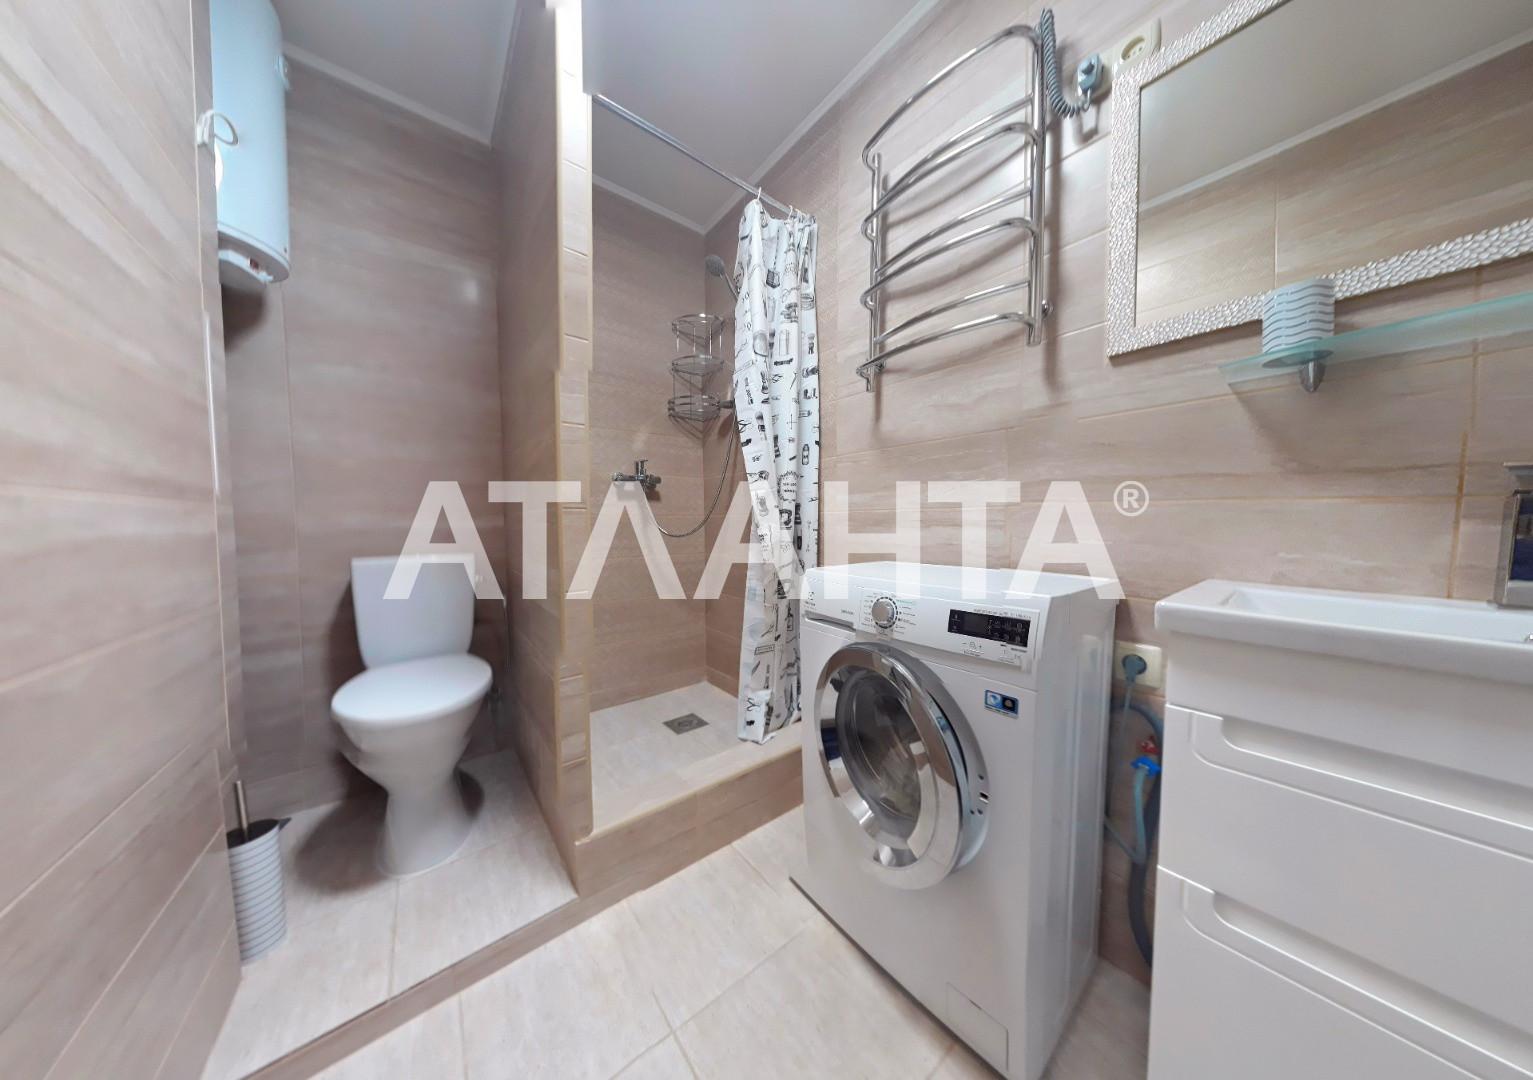 Продается 1-комнатная Квартира на ул. Ул. Луценко Дмитрия — 58 000 у.е. (фото №5)